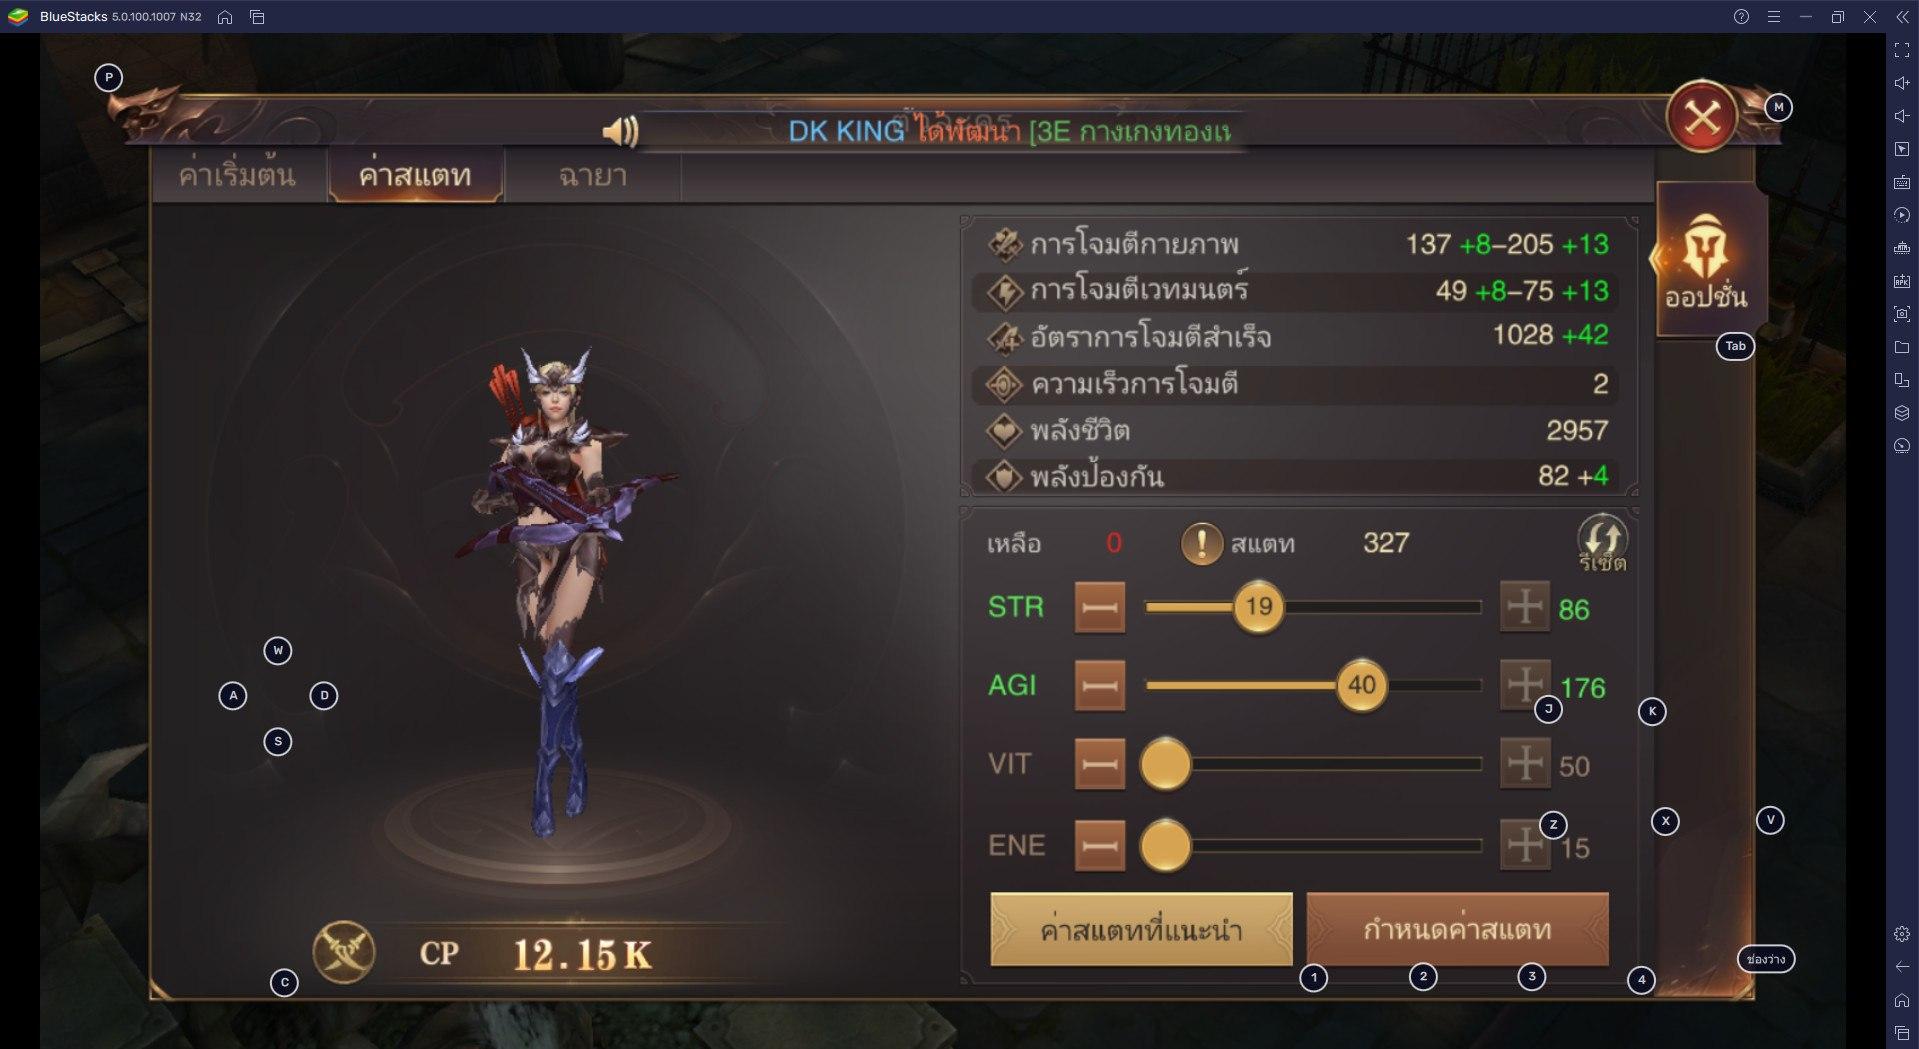 เริ่มต้นเล่น MU Archangel แบบง่าย ๆ สำหรับผู้เล่นใหม่